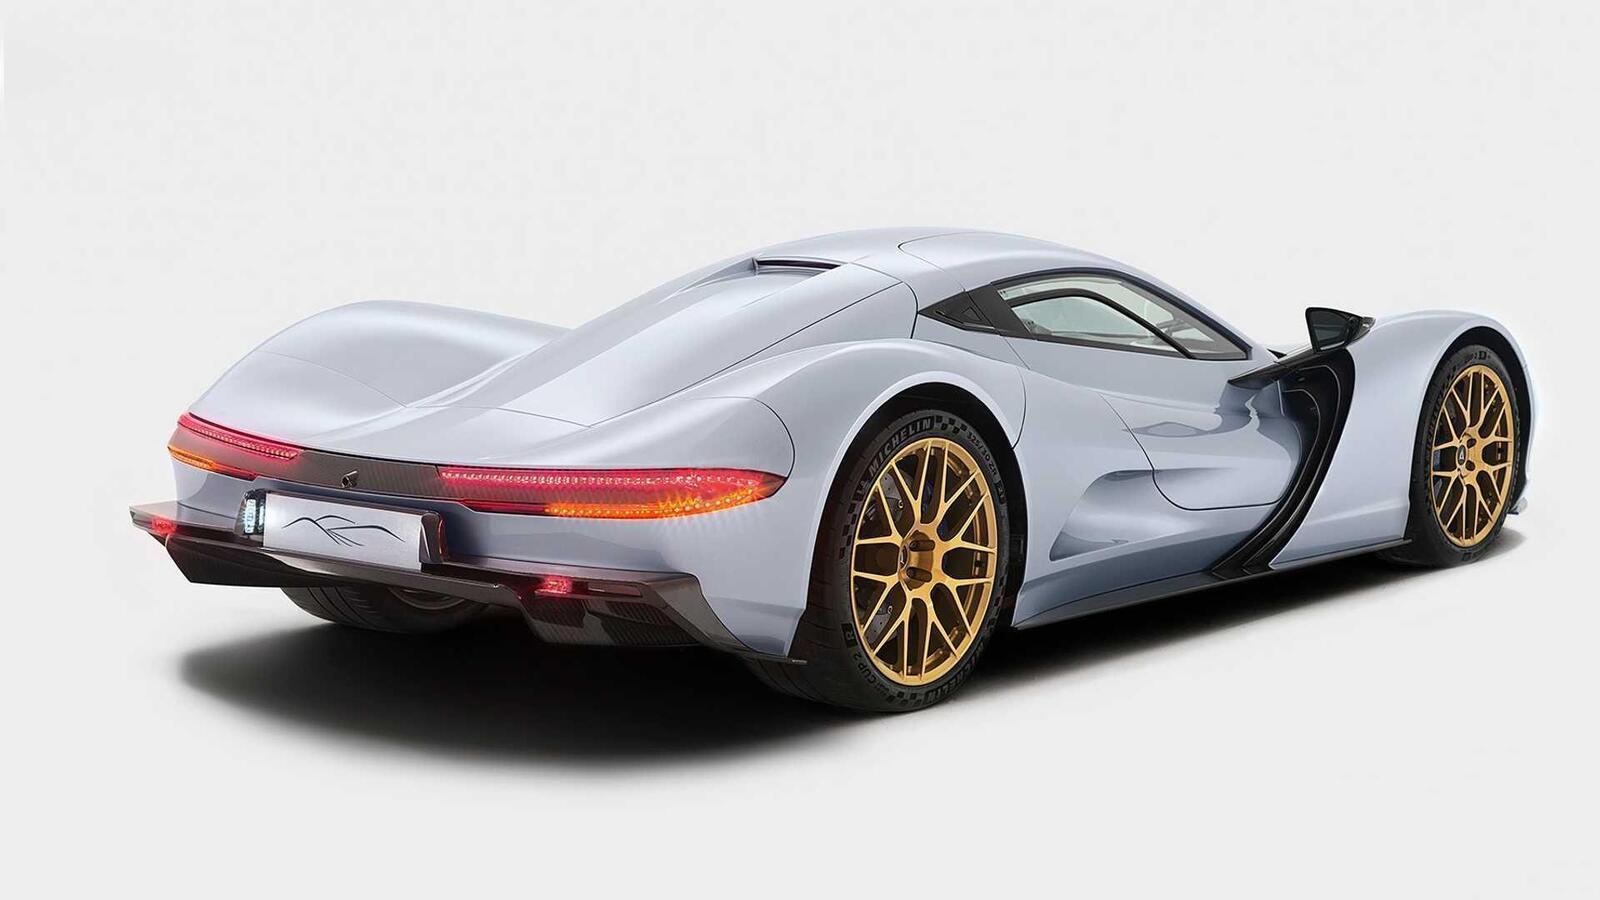 Aspark Owl - siêu xe điện nhanh nhất thế giới